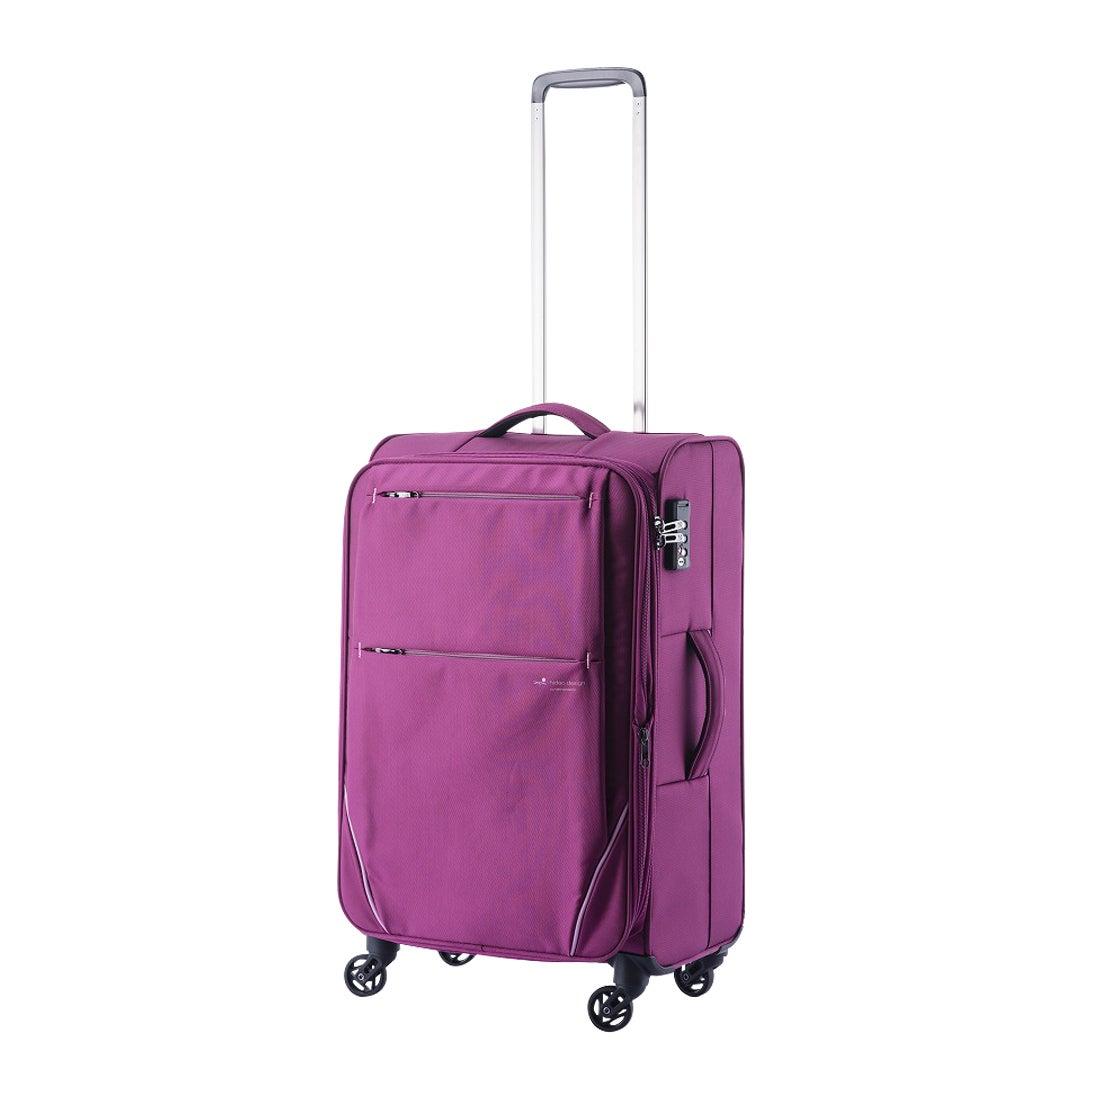 【SAC'S BAR】ヒデオワカマツ HIDEO WAKAMATSU スーツケース フライII 85-7601 57cm 【3】ワイン メンズ